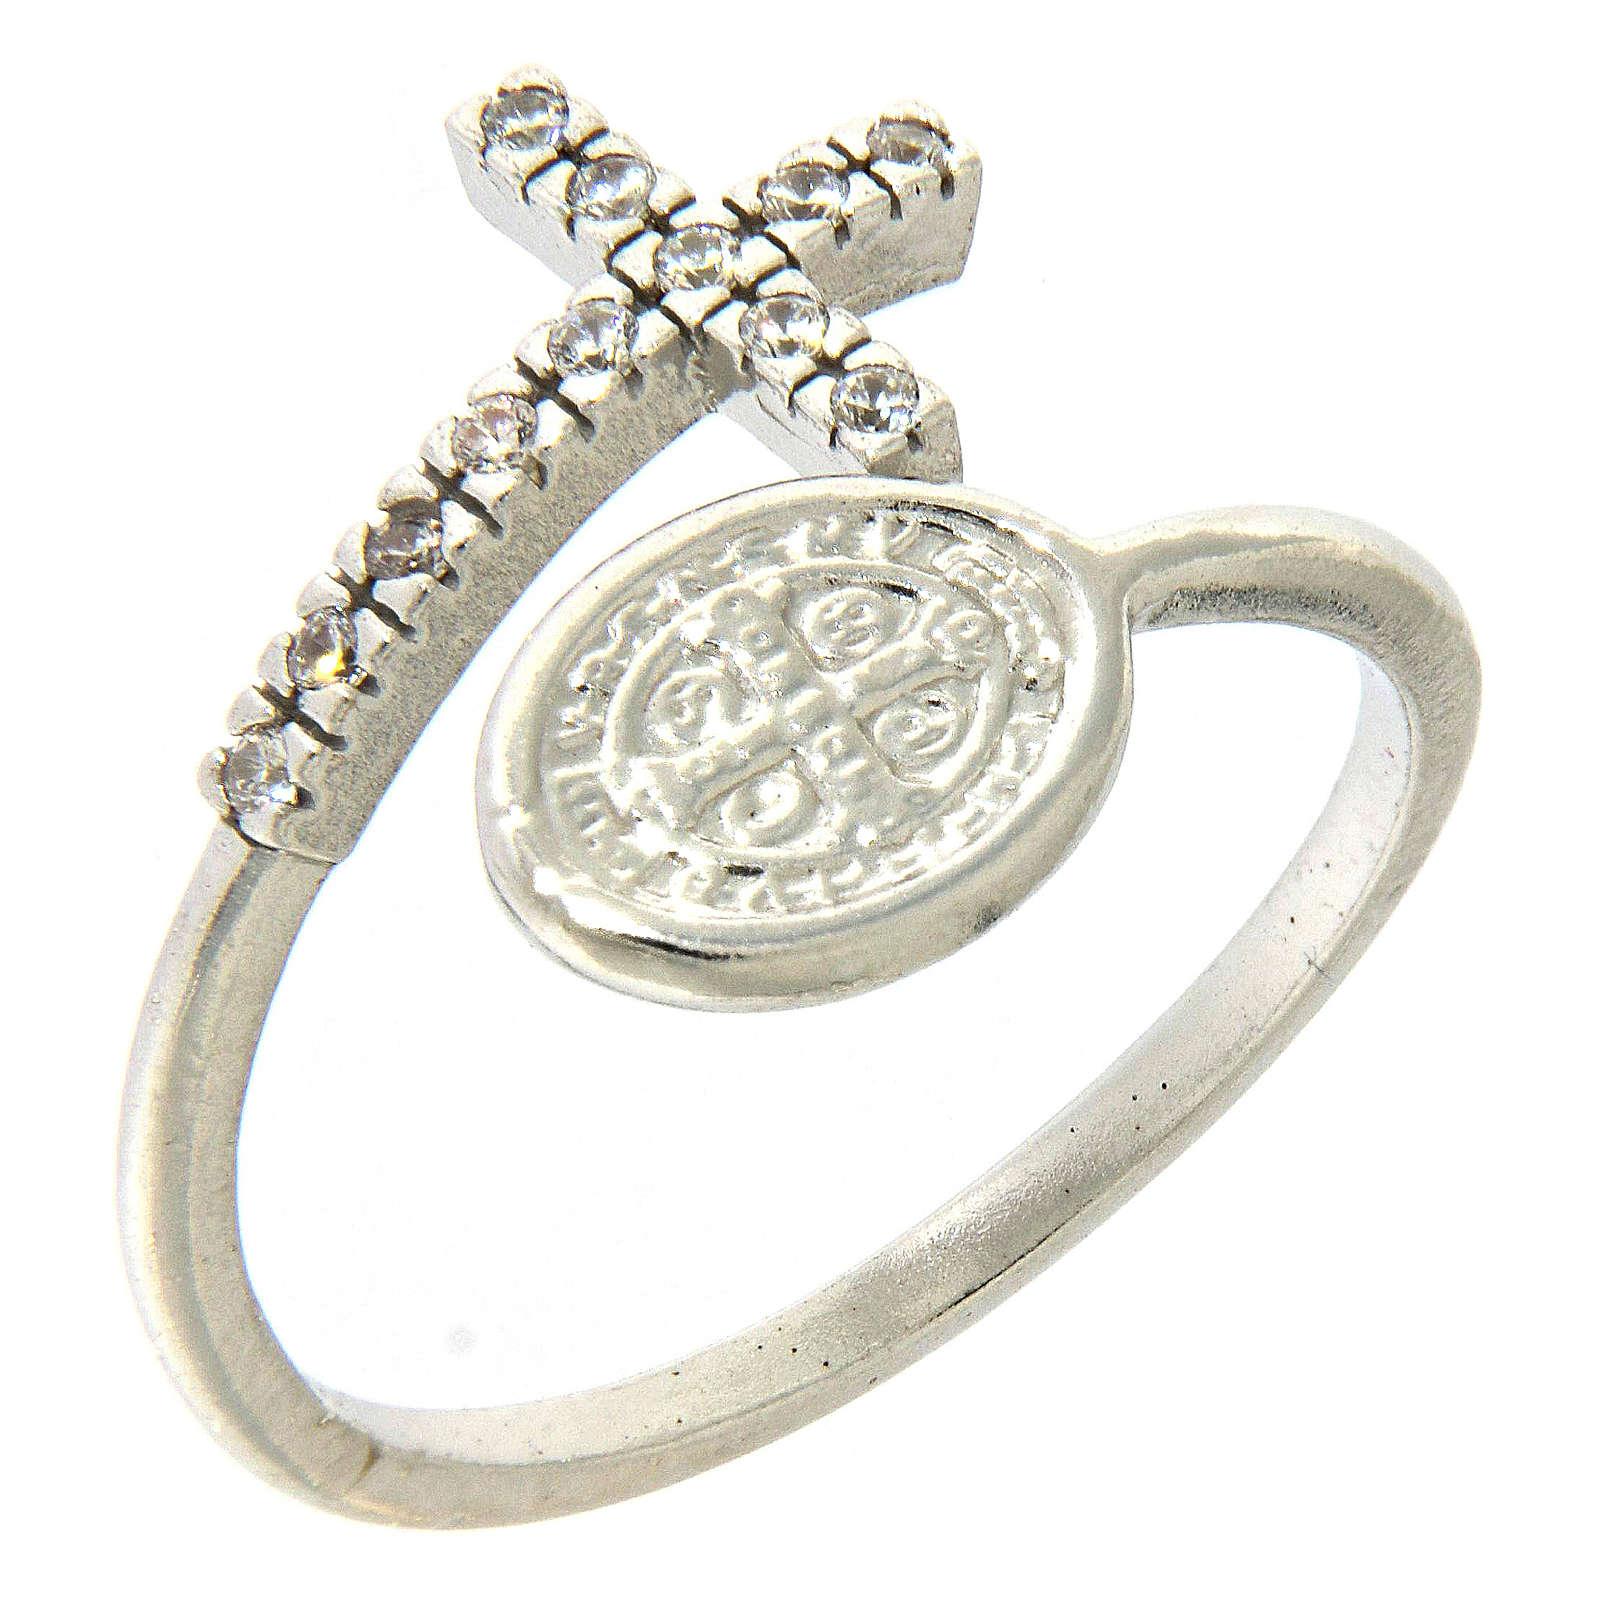 Anillo medalla San Benito plata 925 y zircones blancos 3